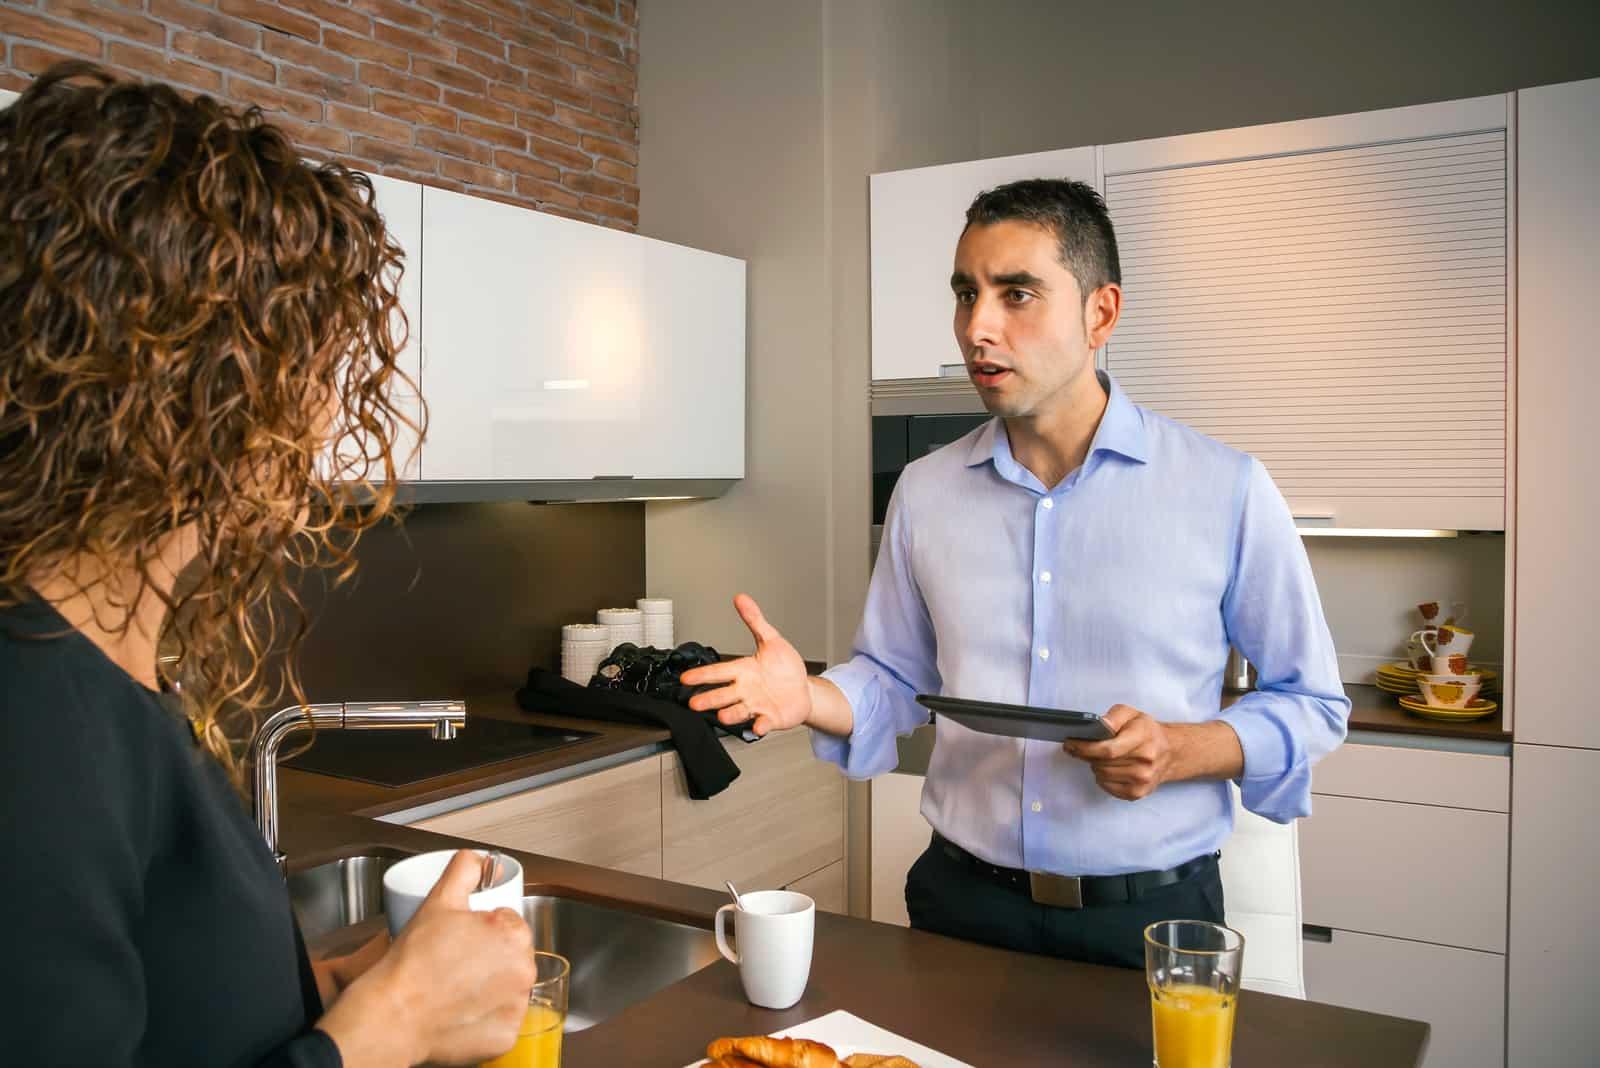 un homme crie après une femme dans la cuisine